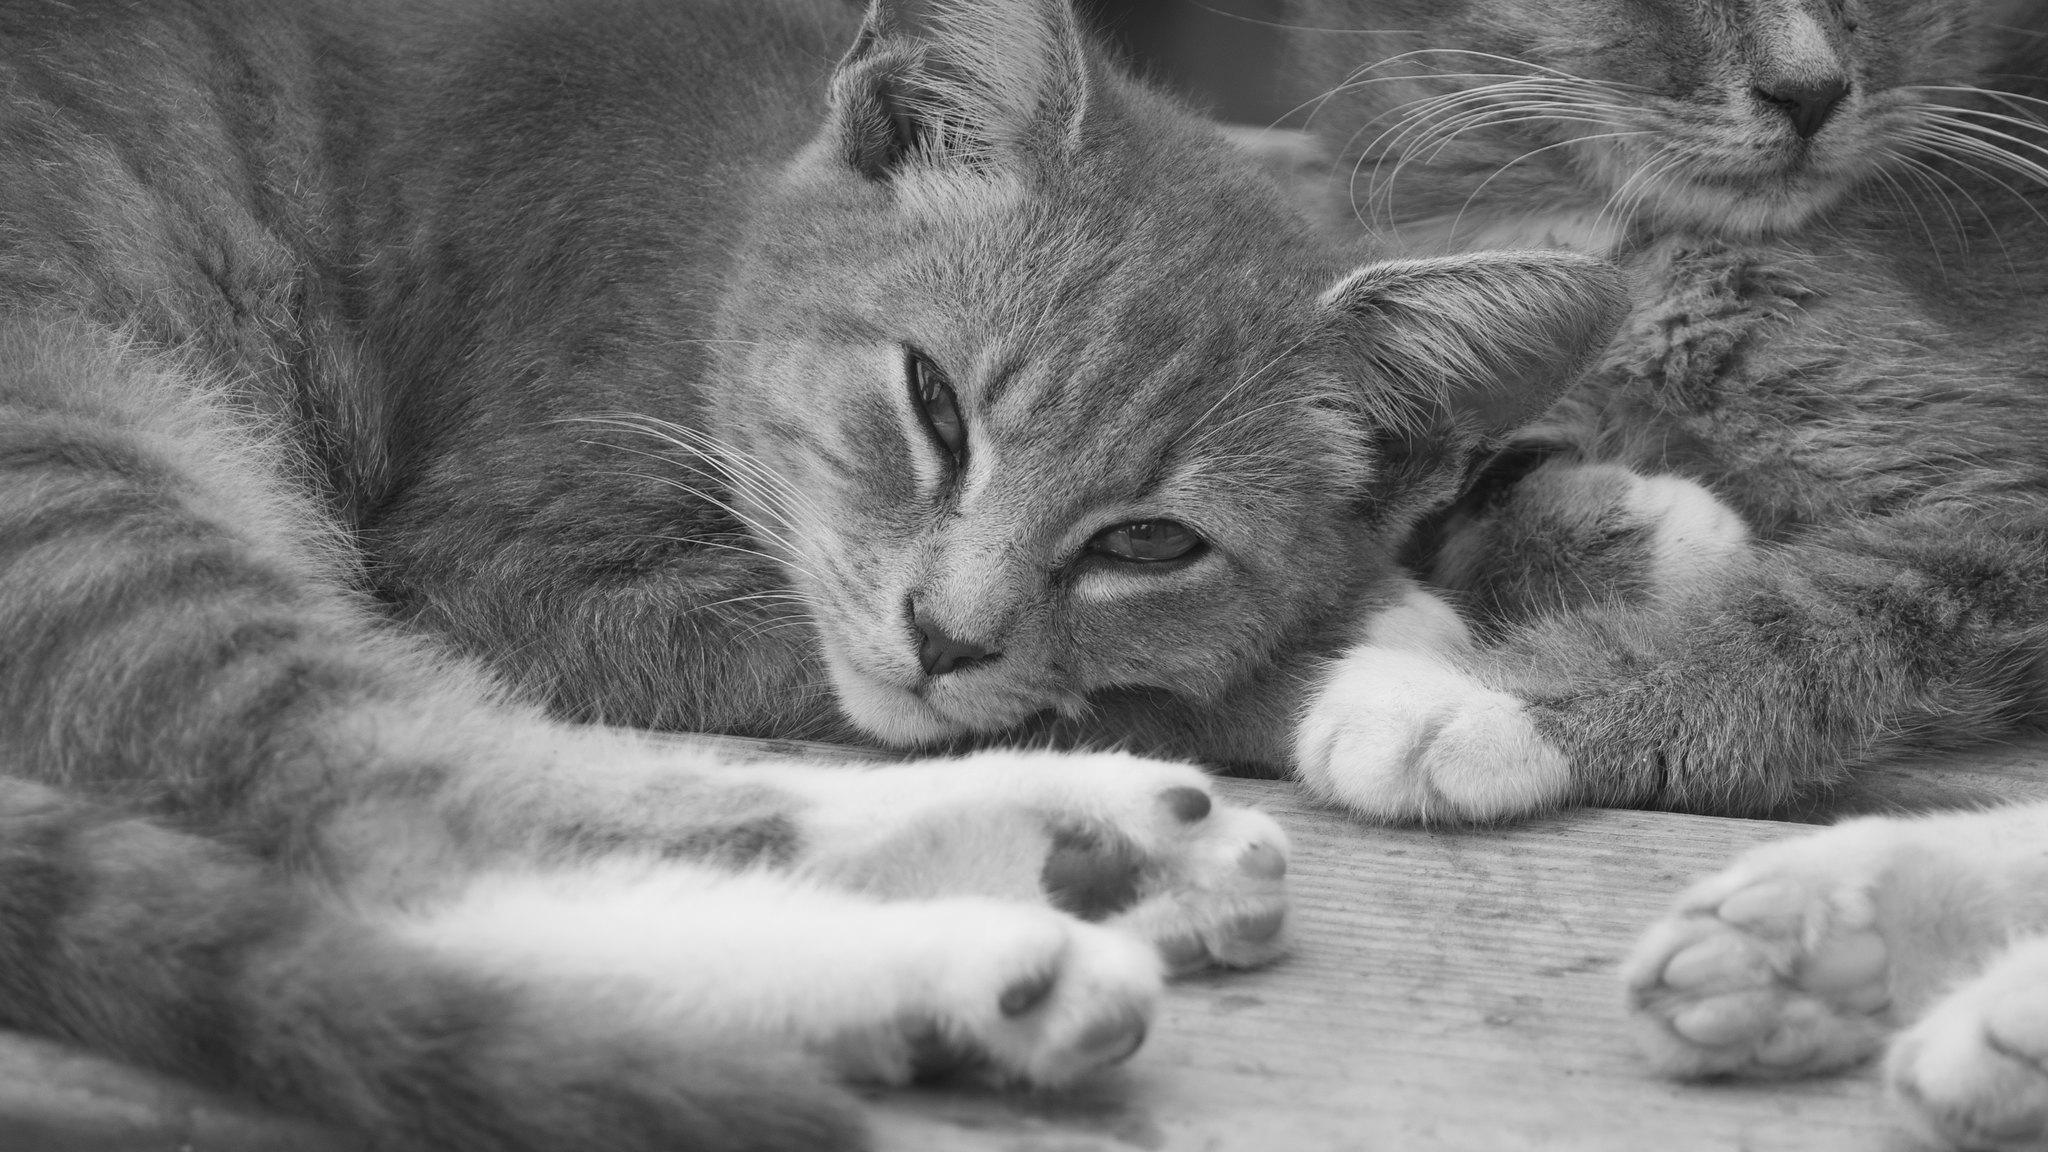 trailer-park-kitten